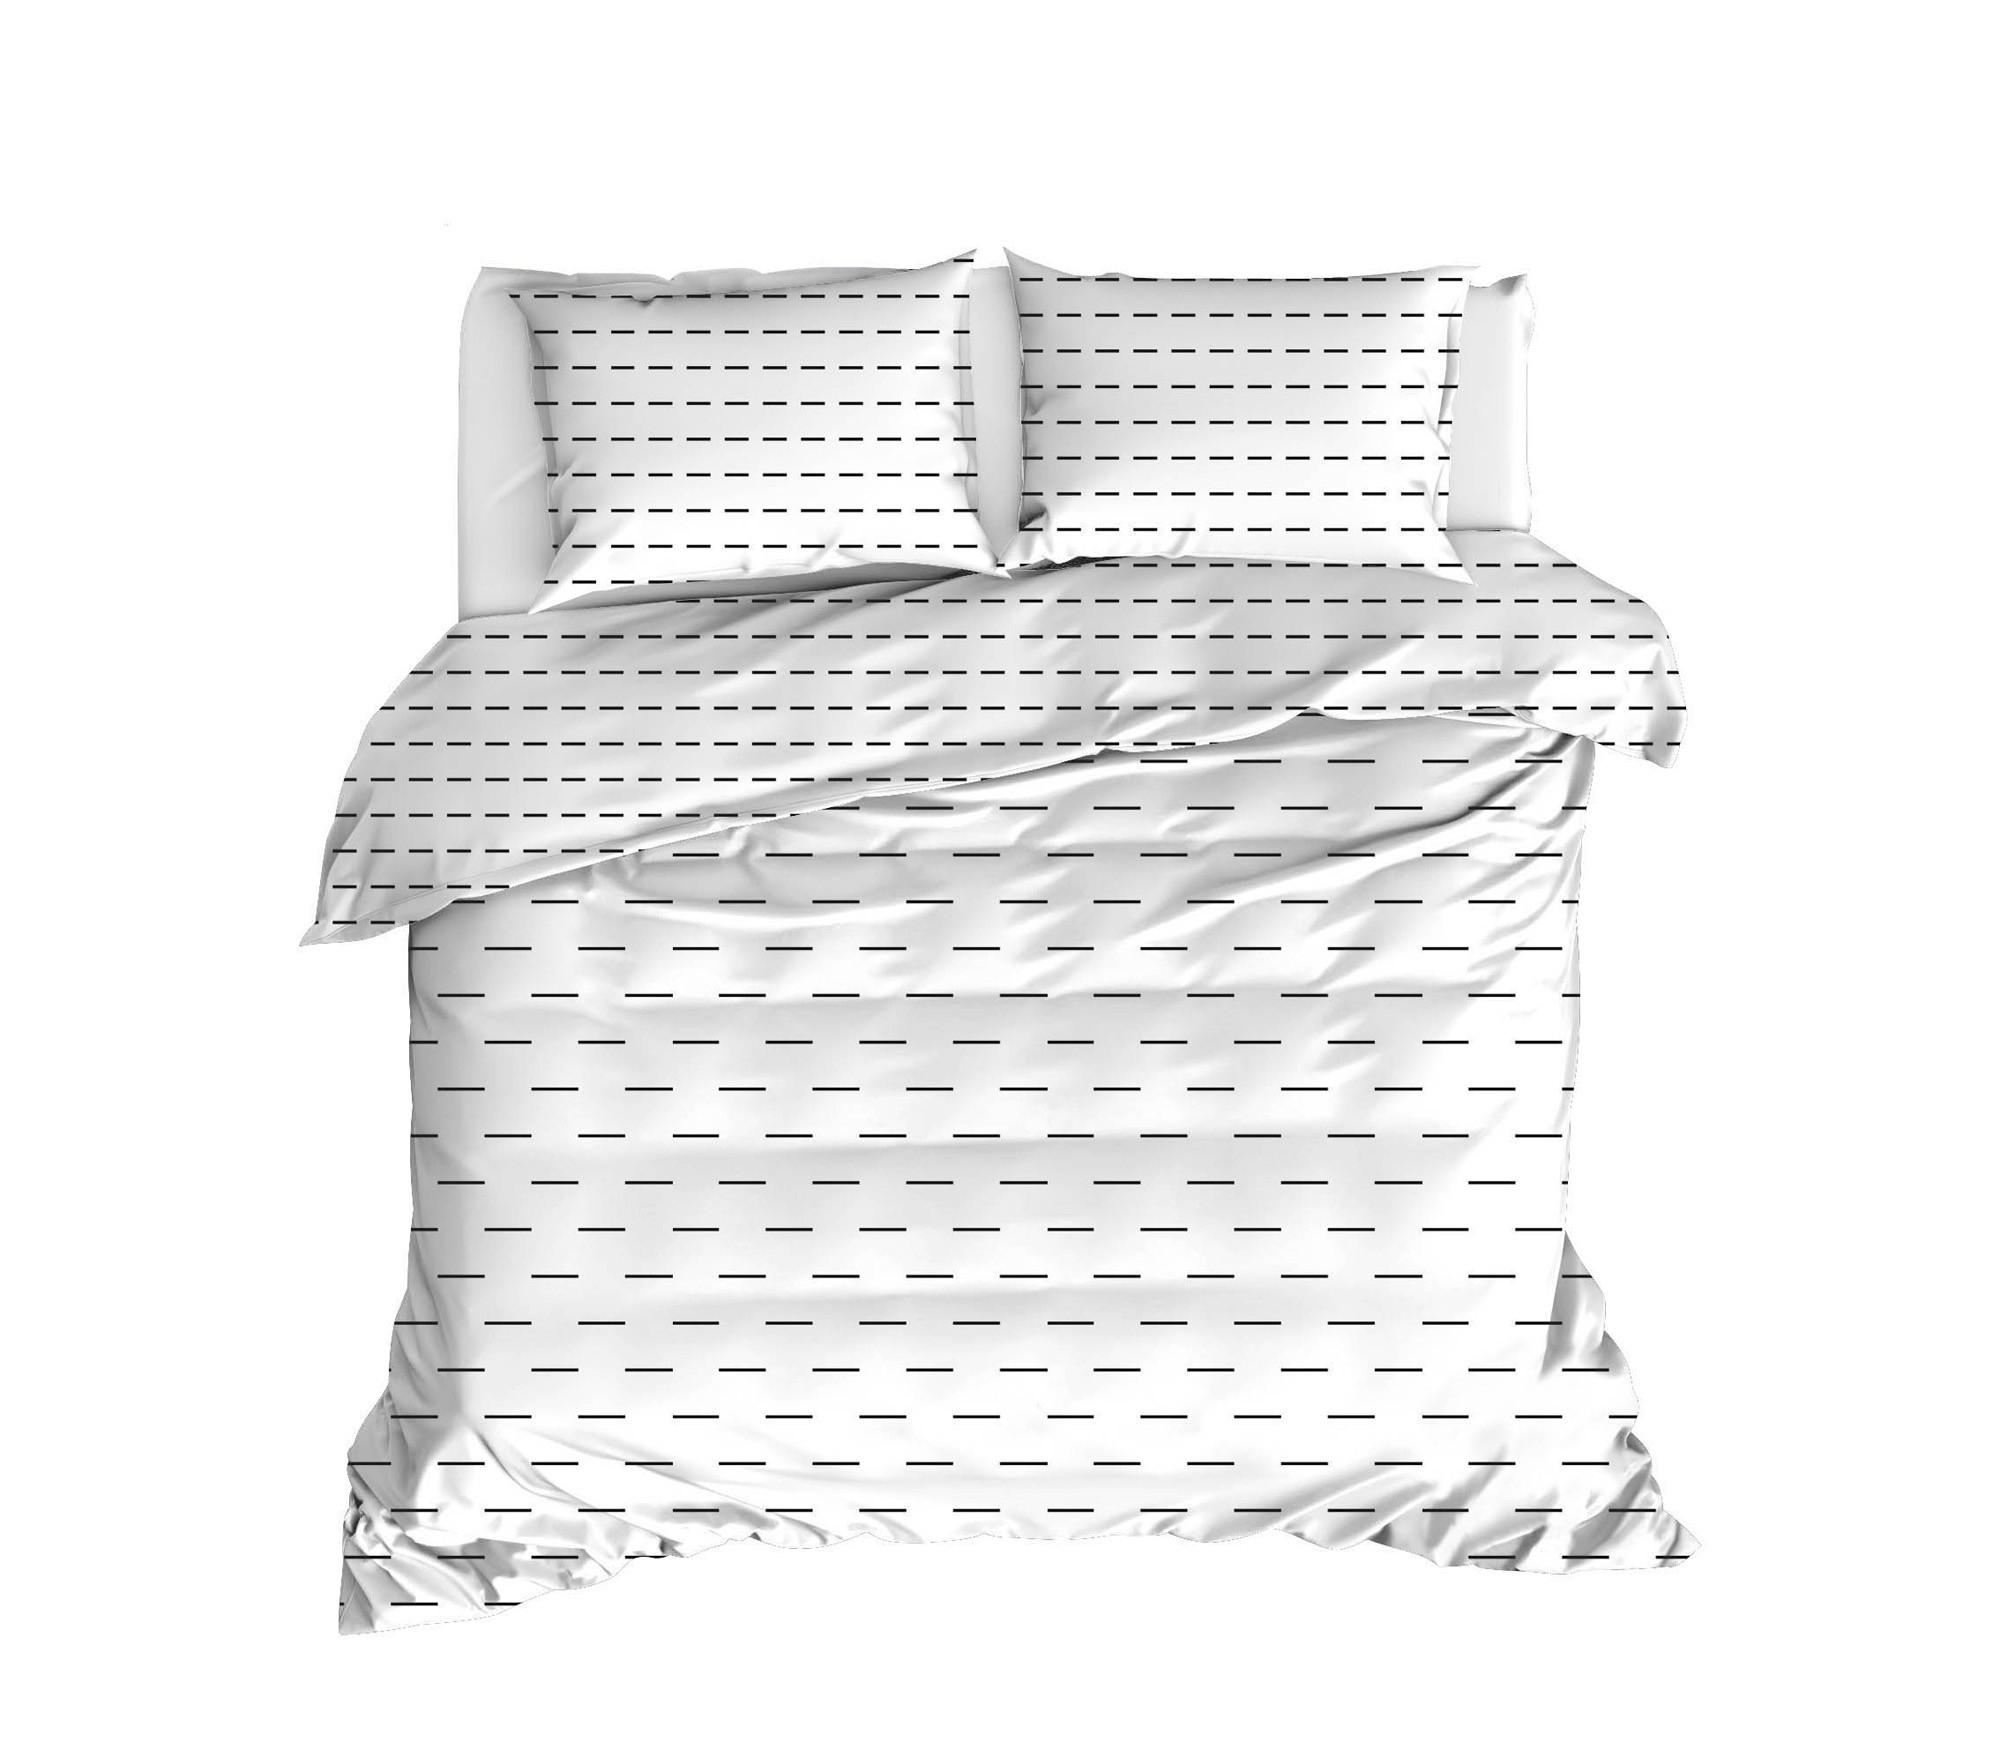 Lenjerie de pat din bumbac Ranforce Cub Alb / Negru, 200 x 220 cm imagine 2021